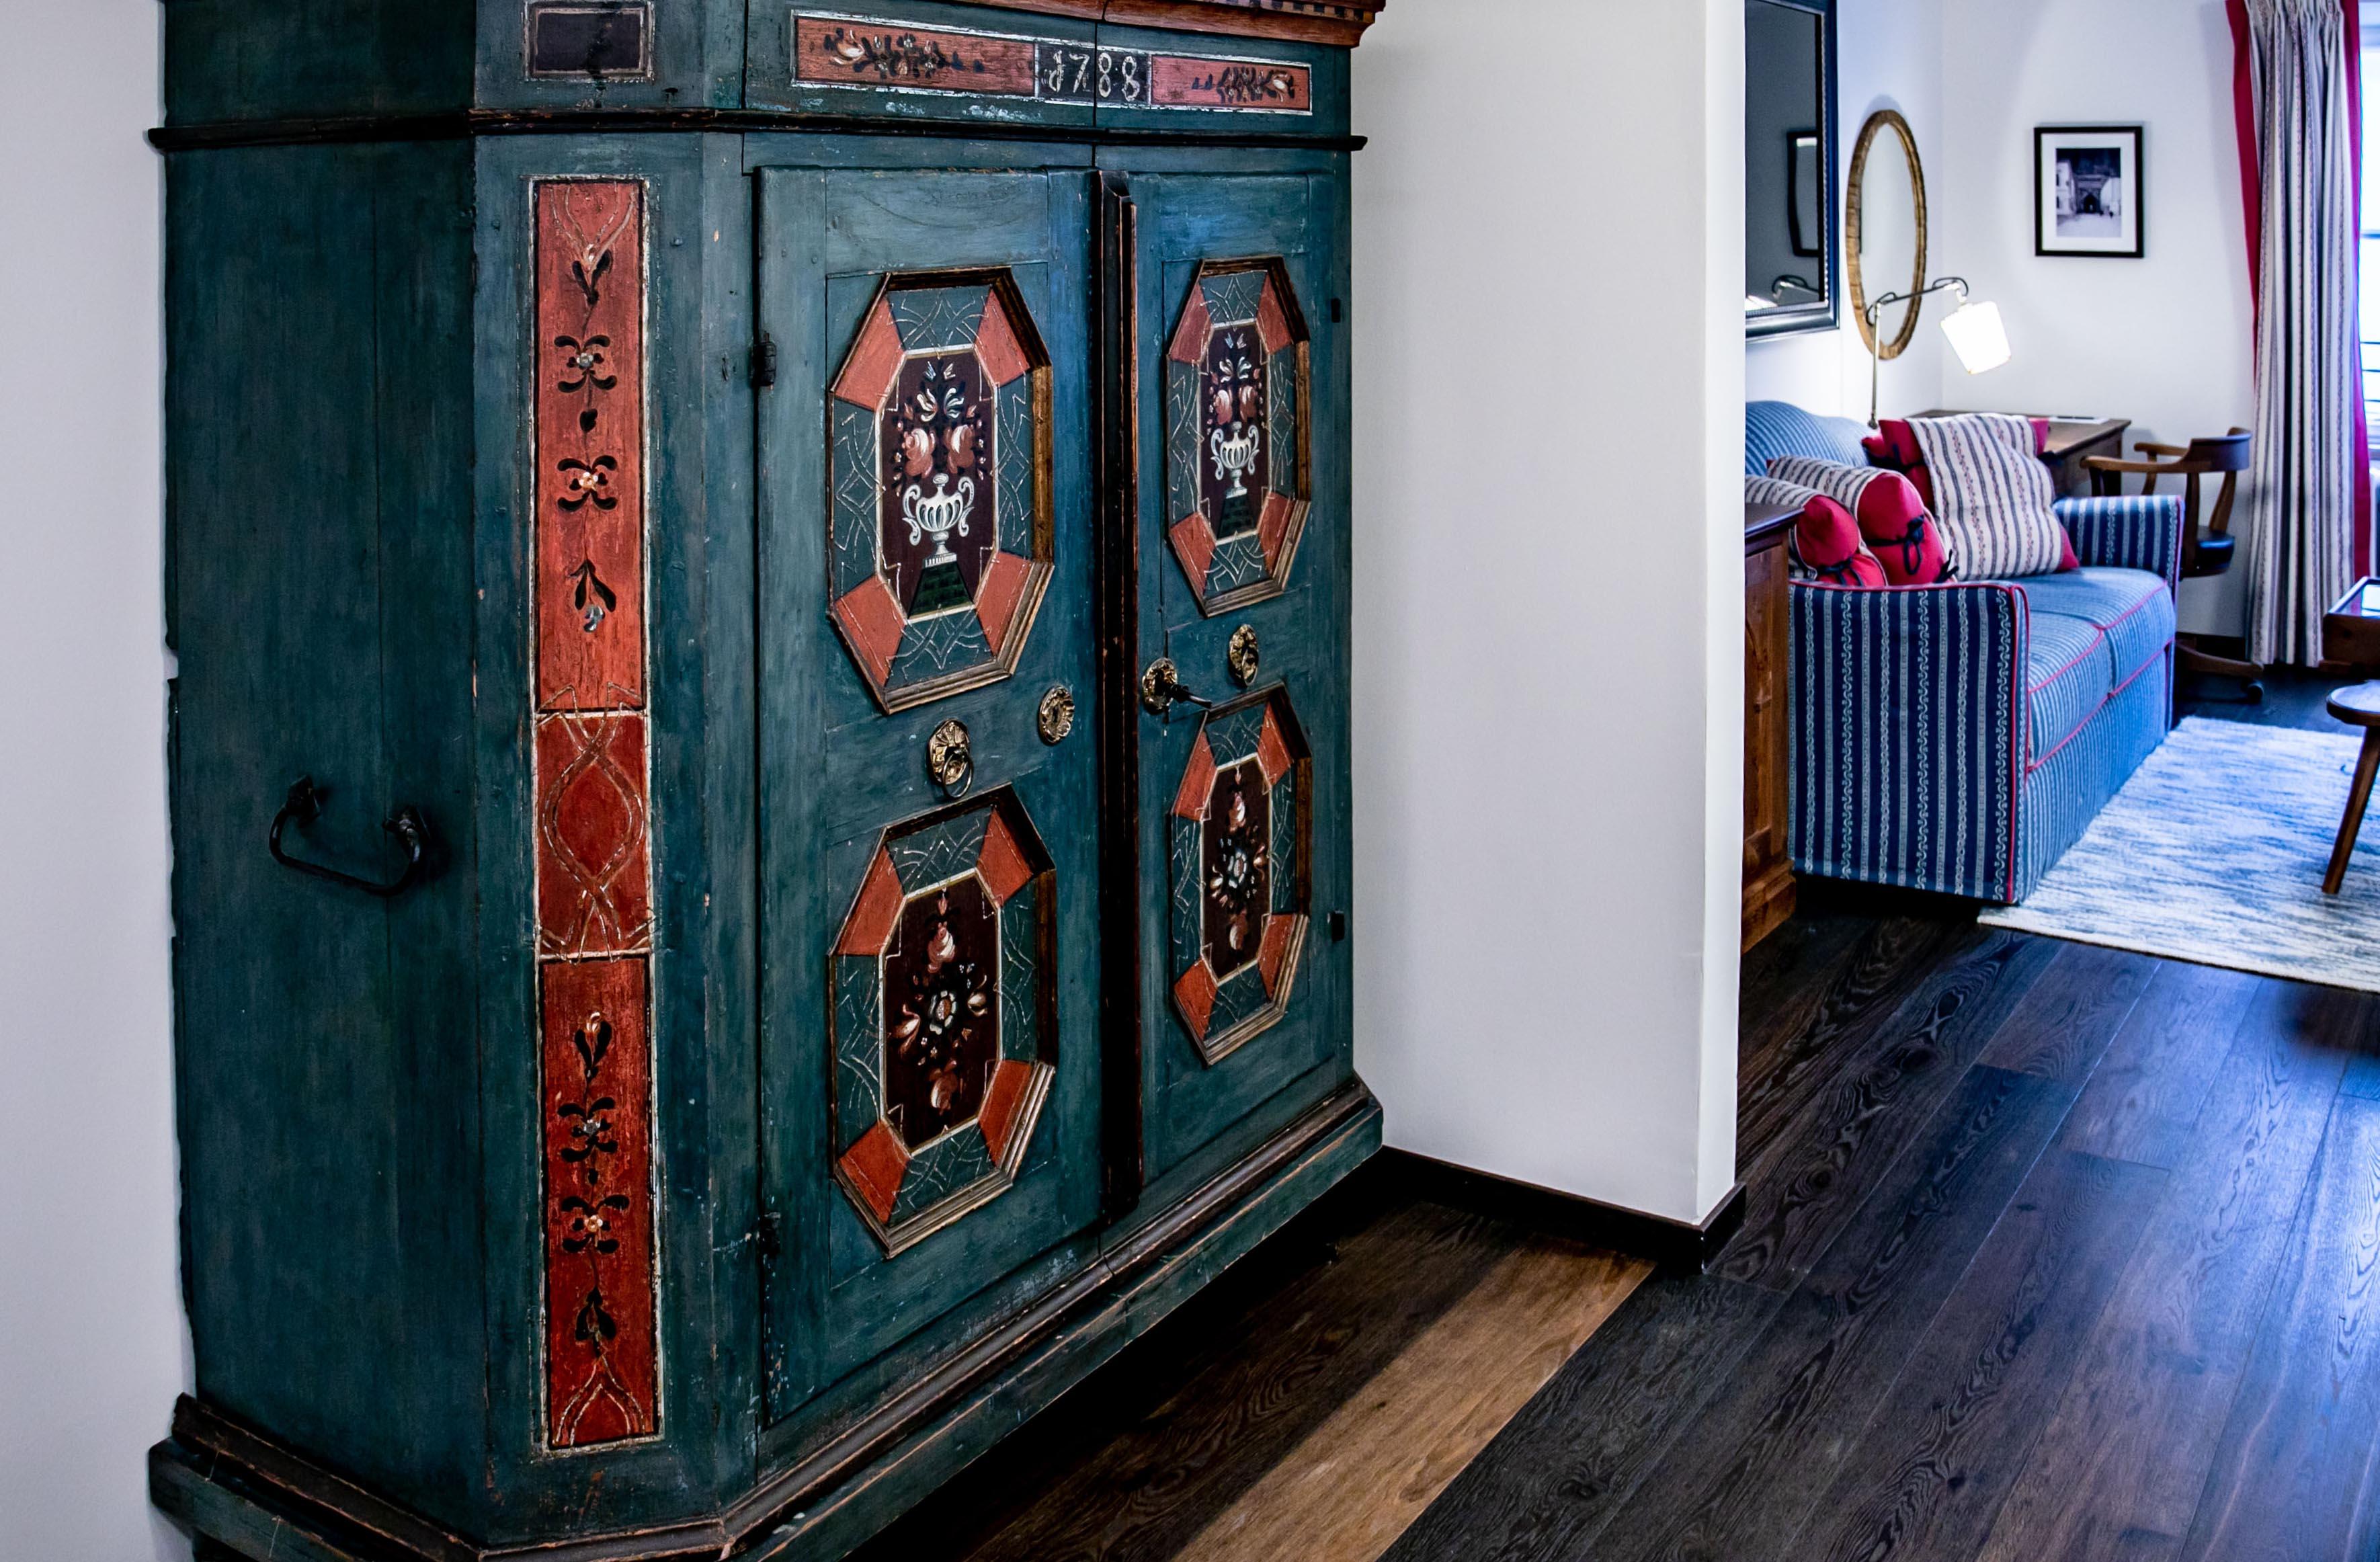 In den Zimmern finden sich echte Antiquitäten.  ©www.wildbild.at